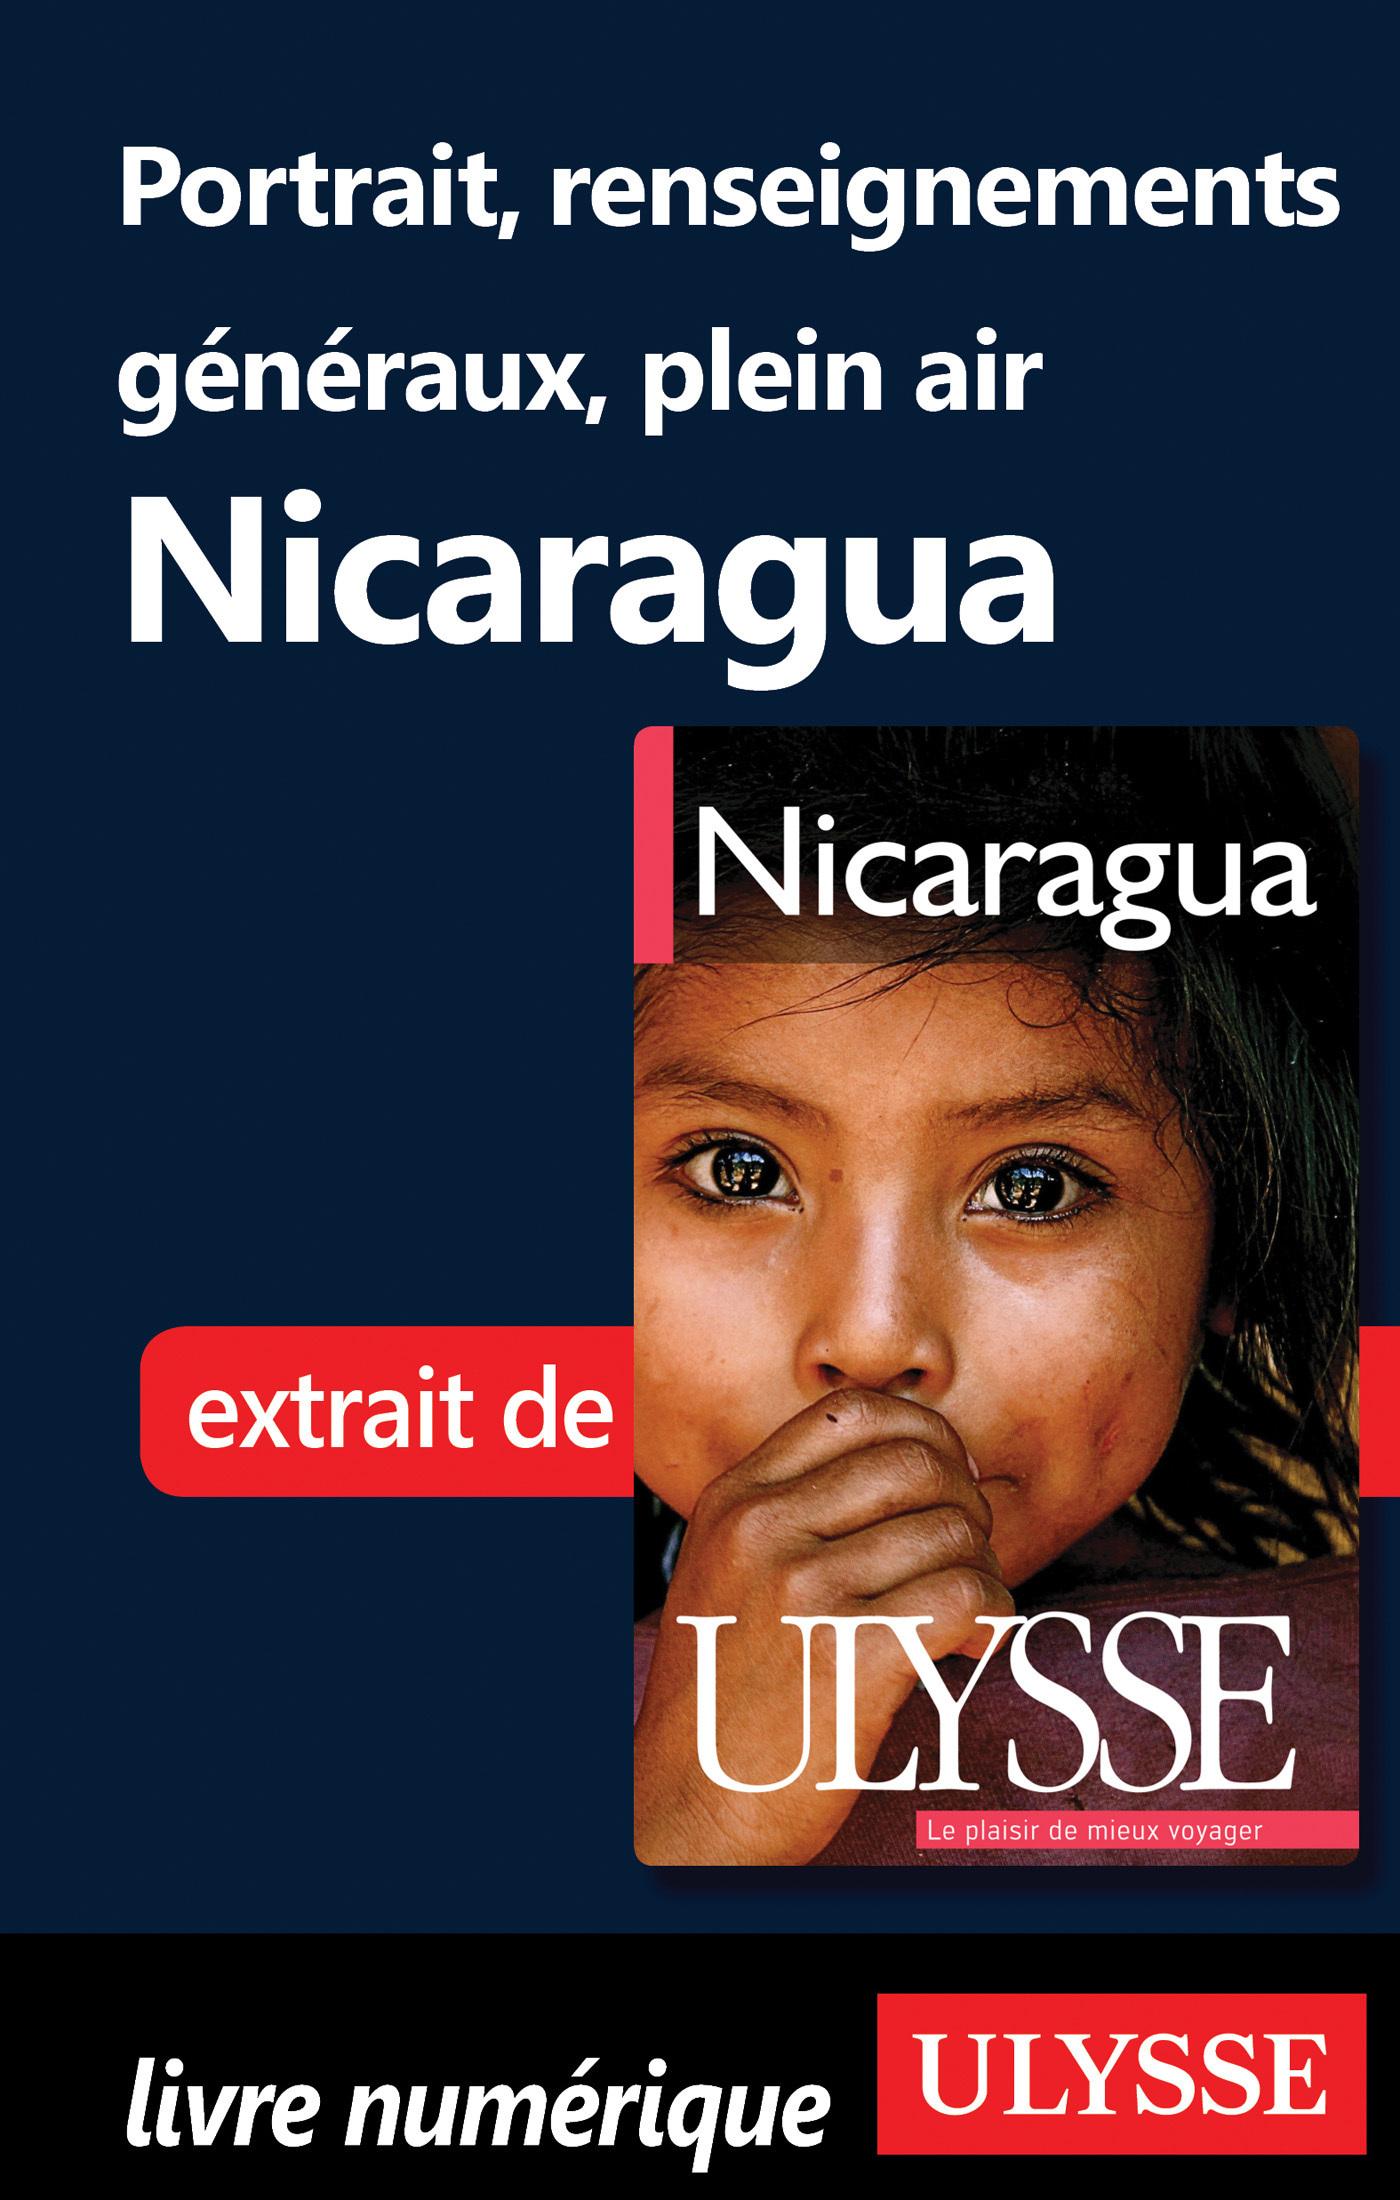 Portrait du Nicragua, renseignements généraux et plein air